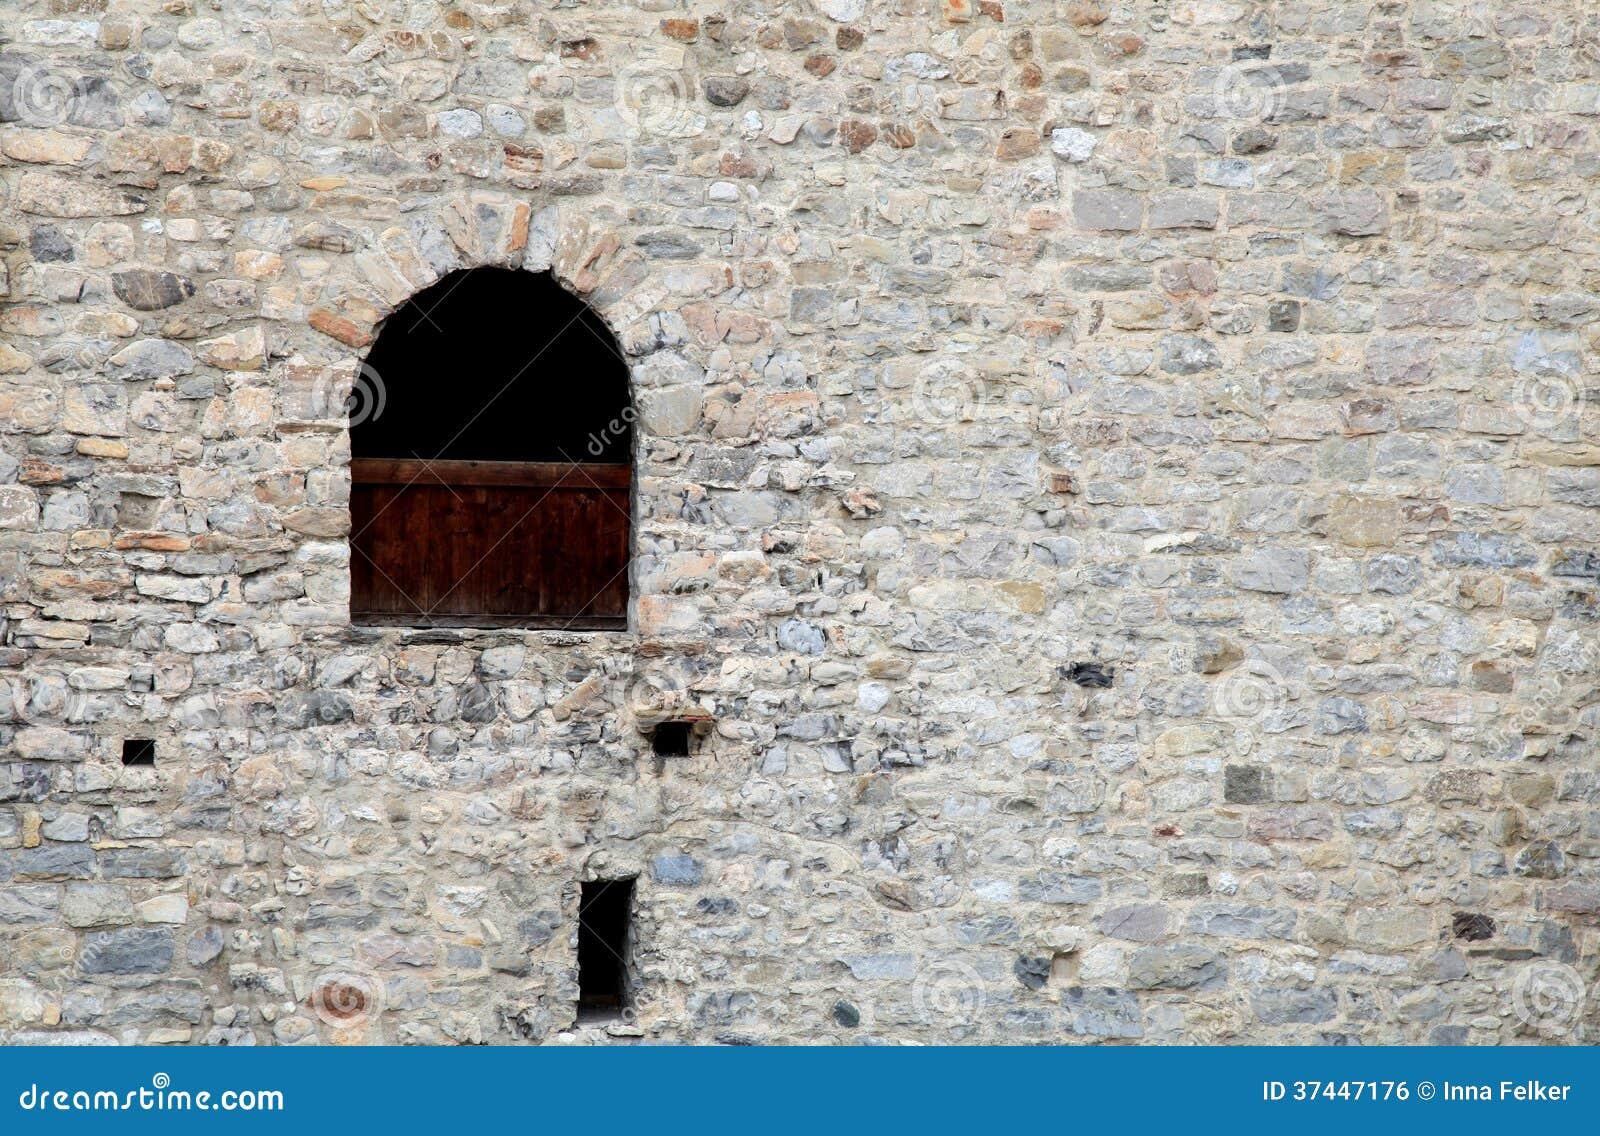 Fen tre dans le vieux mur en pierre du ch teau m di val for Fenetre qui rentre dans le mur